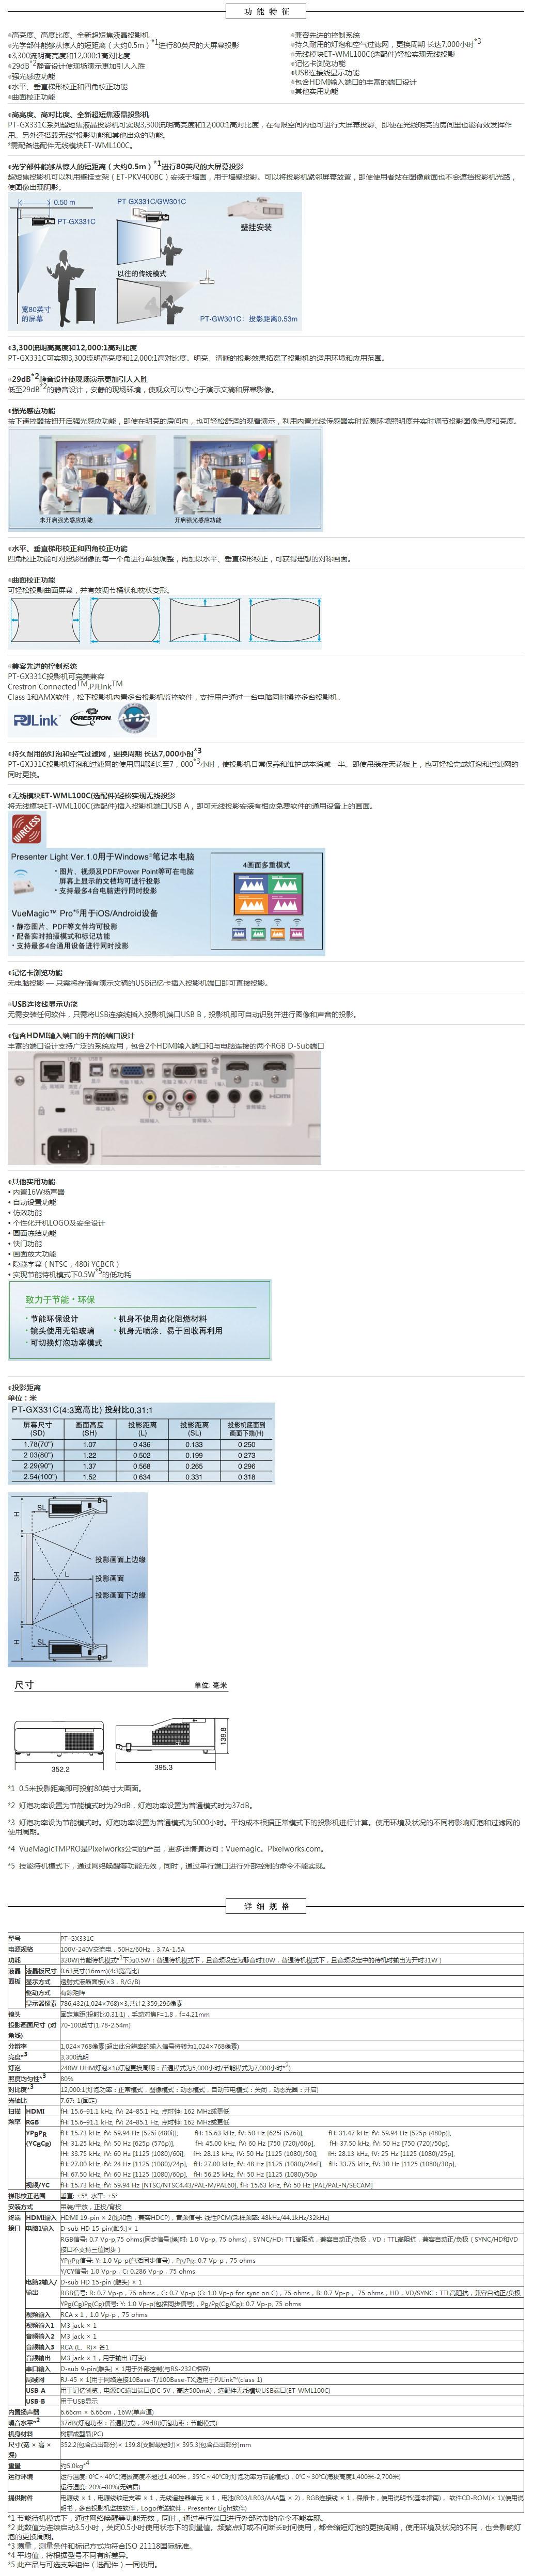 PT-GX331C.jpg